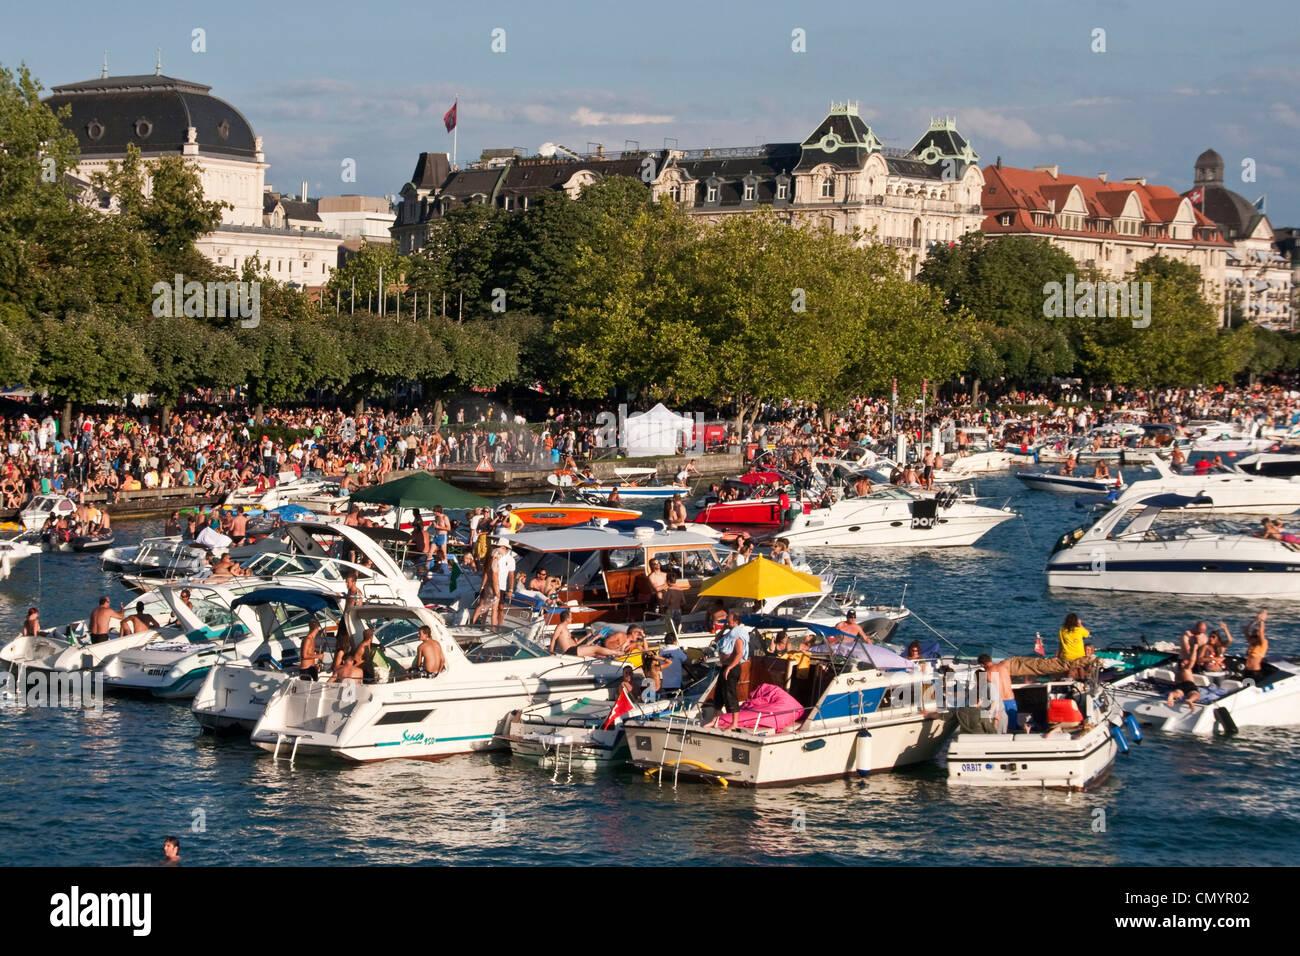 Schweiz, Zürich, Streetparade, Party-Boote am Zürichsee Stockfoto